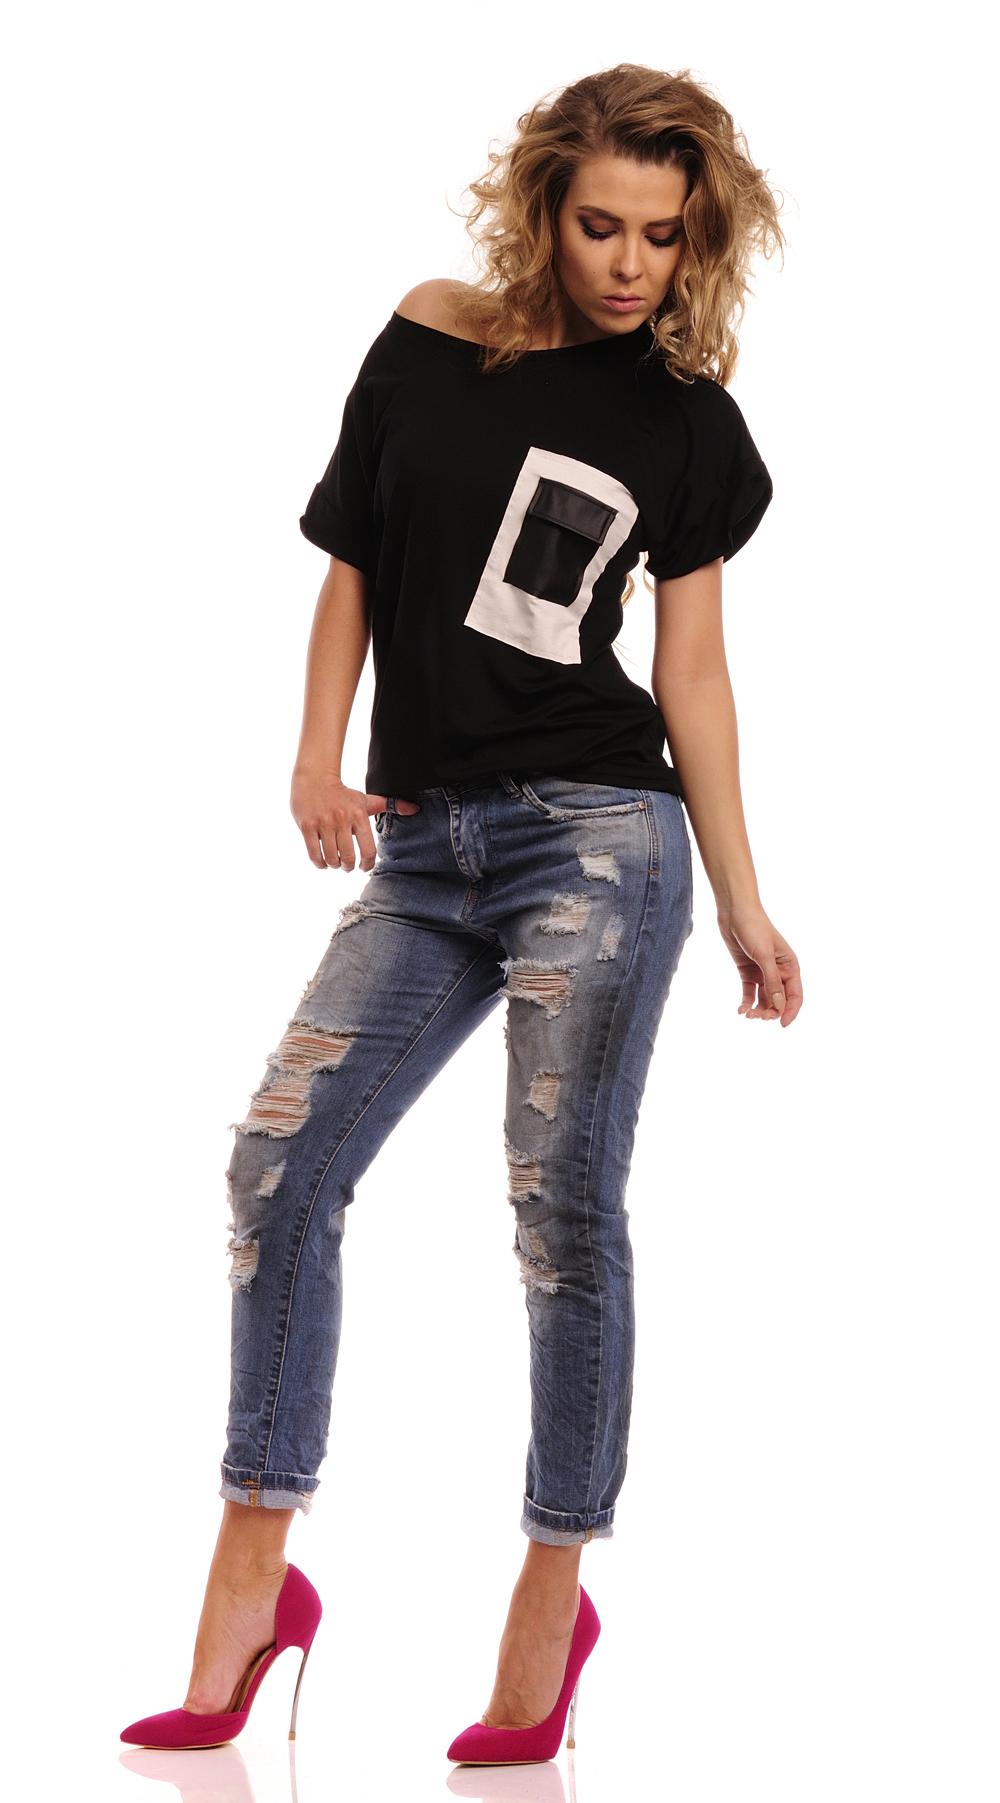 Triko s  kapsou z eko-kůže, černá, jednotná